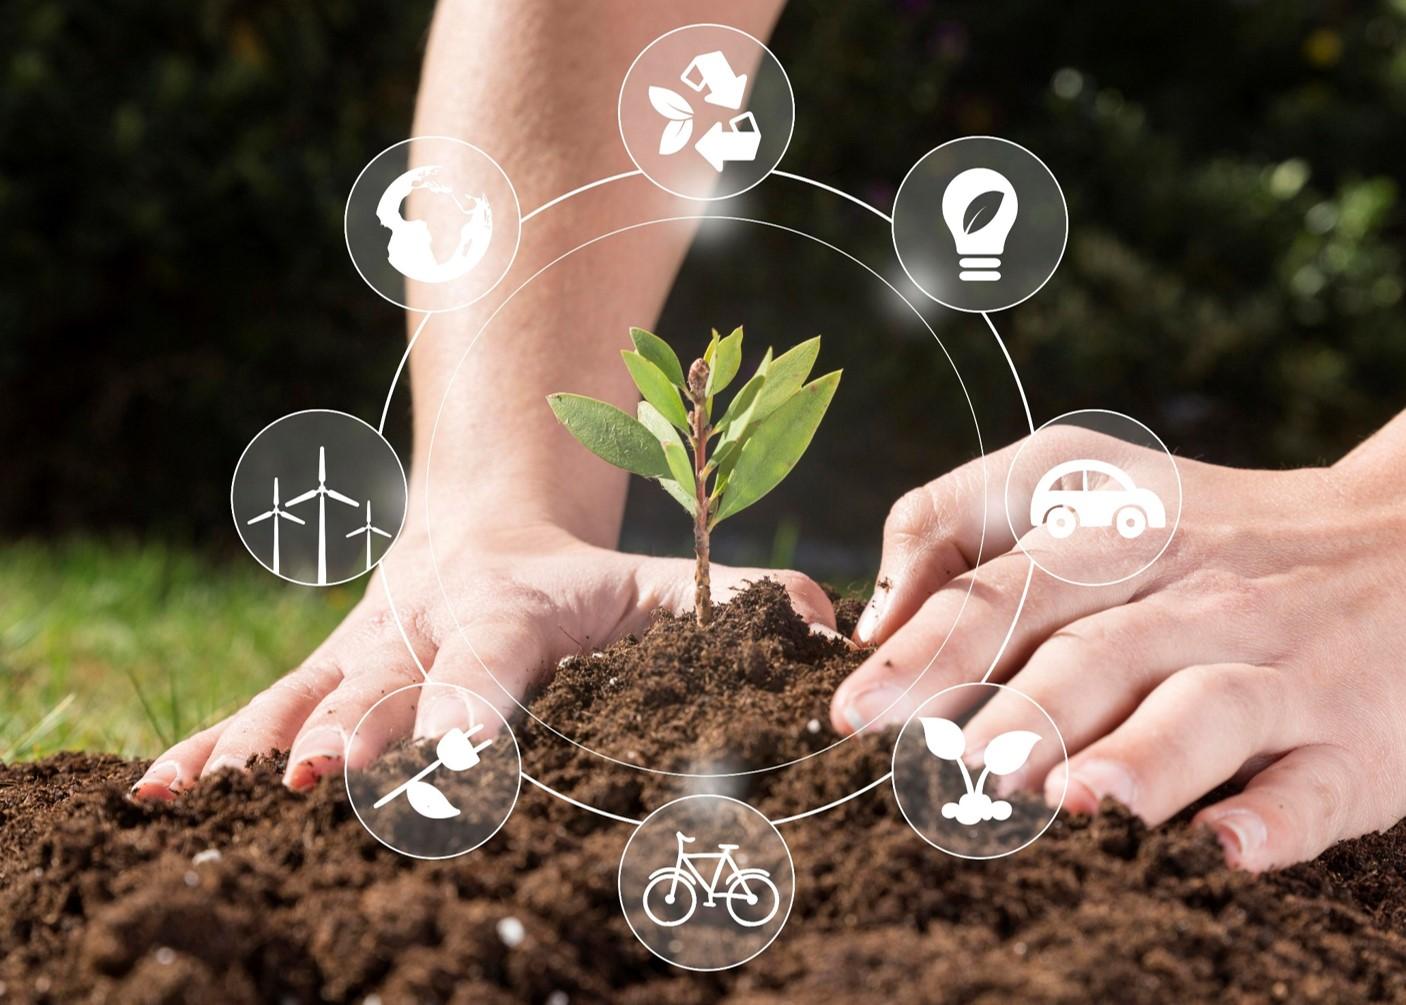 Poznaj potencjał polsko-norweskiej współpracy w dziedzinie zielonej energii. Wydarzenie on-line 22 kwietnia